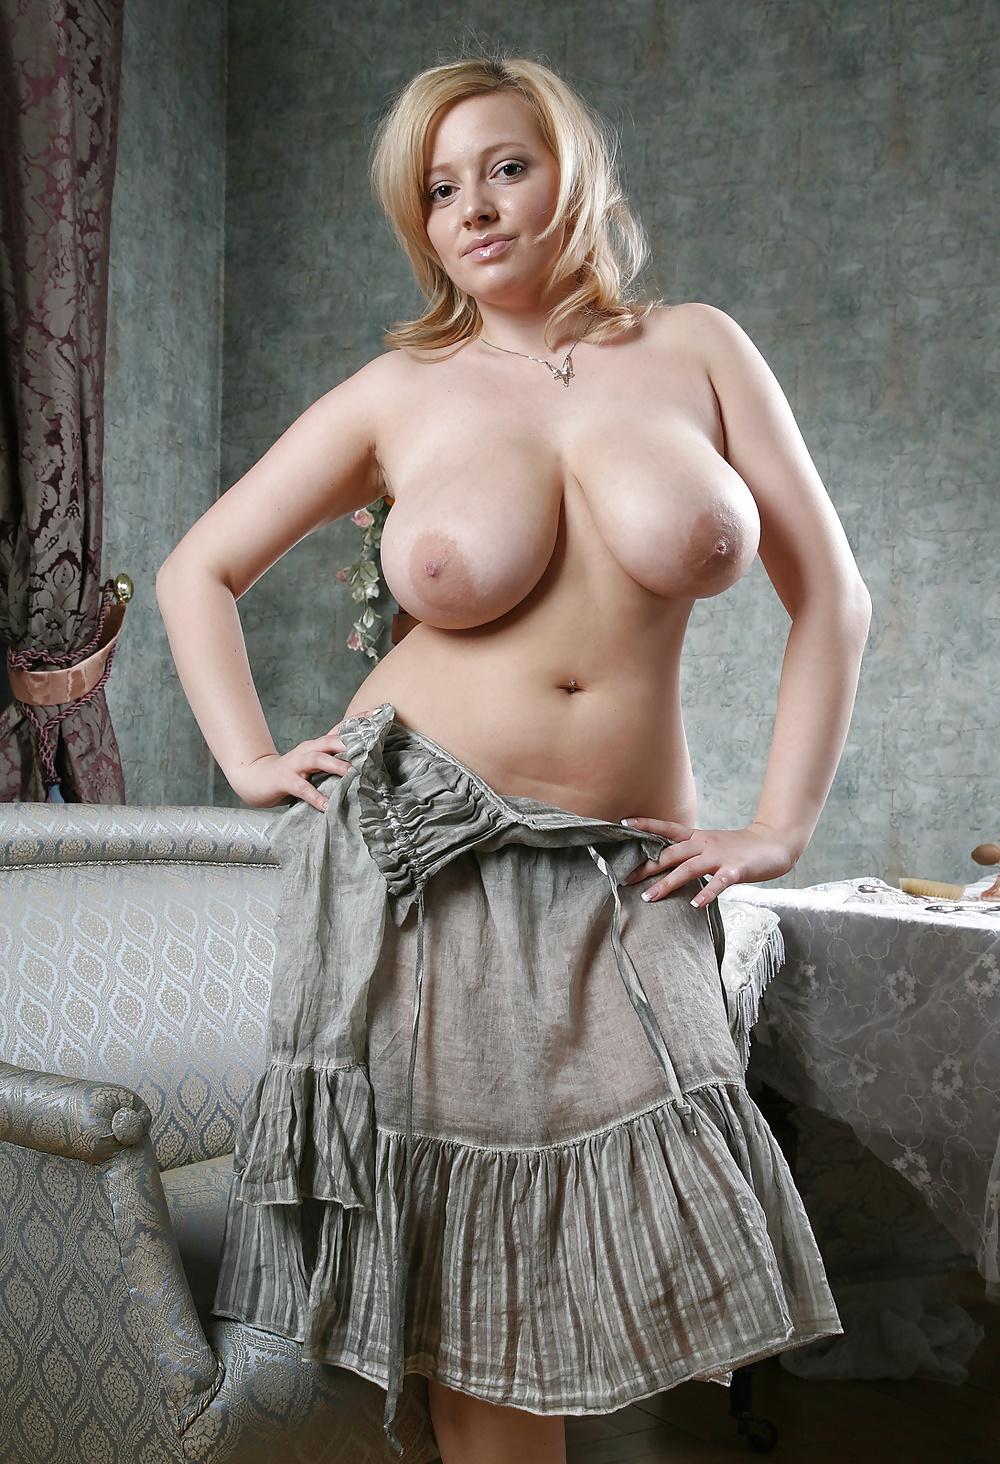 Фото голых больших пожилых женщин с шикарными формами, смотреть жесткий порно в отл кач